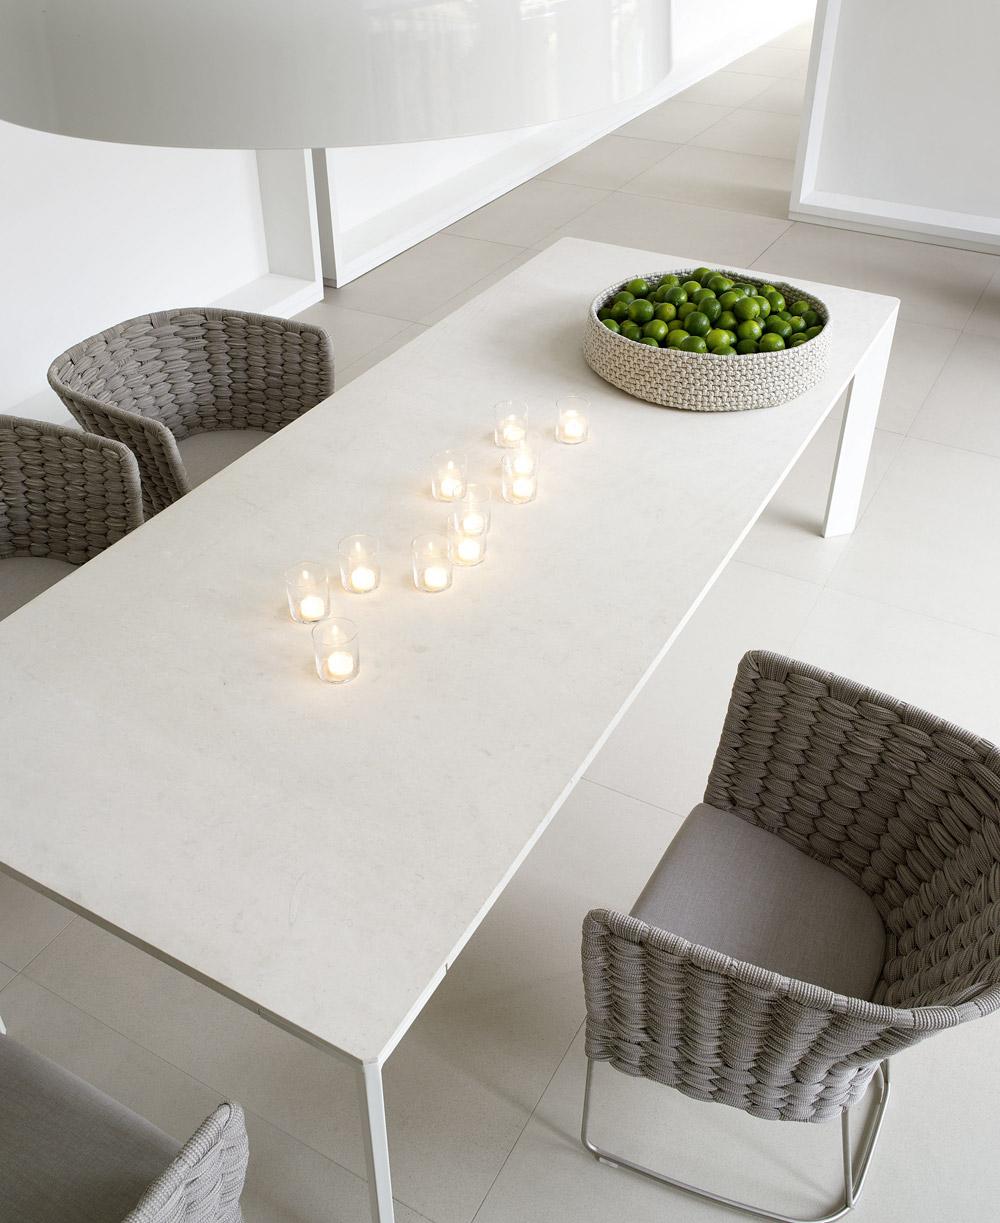 sunset di paola lenti tavoli outdoor mollura home design ForPaola Lenti